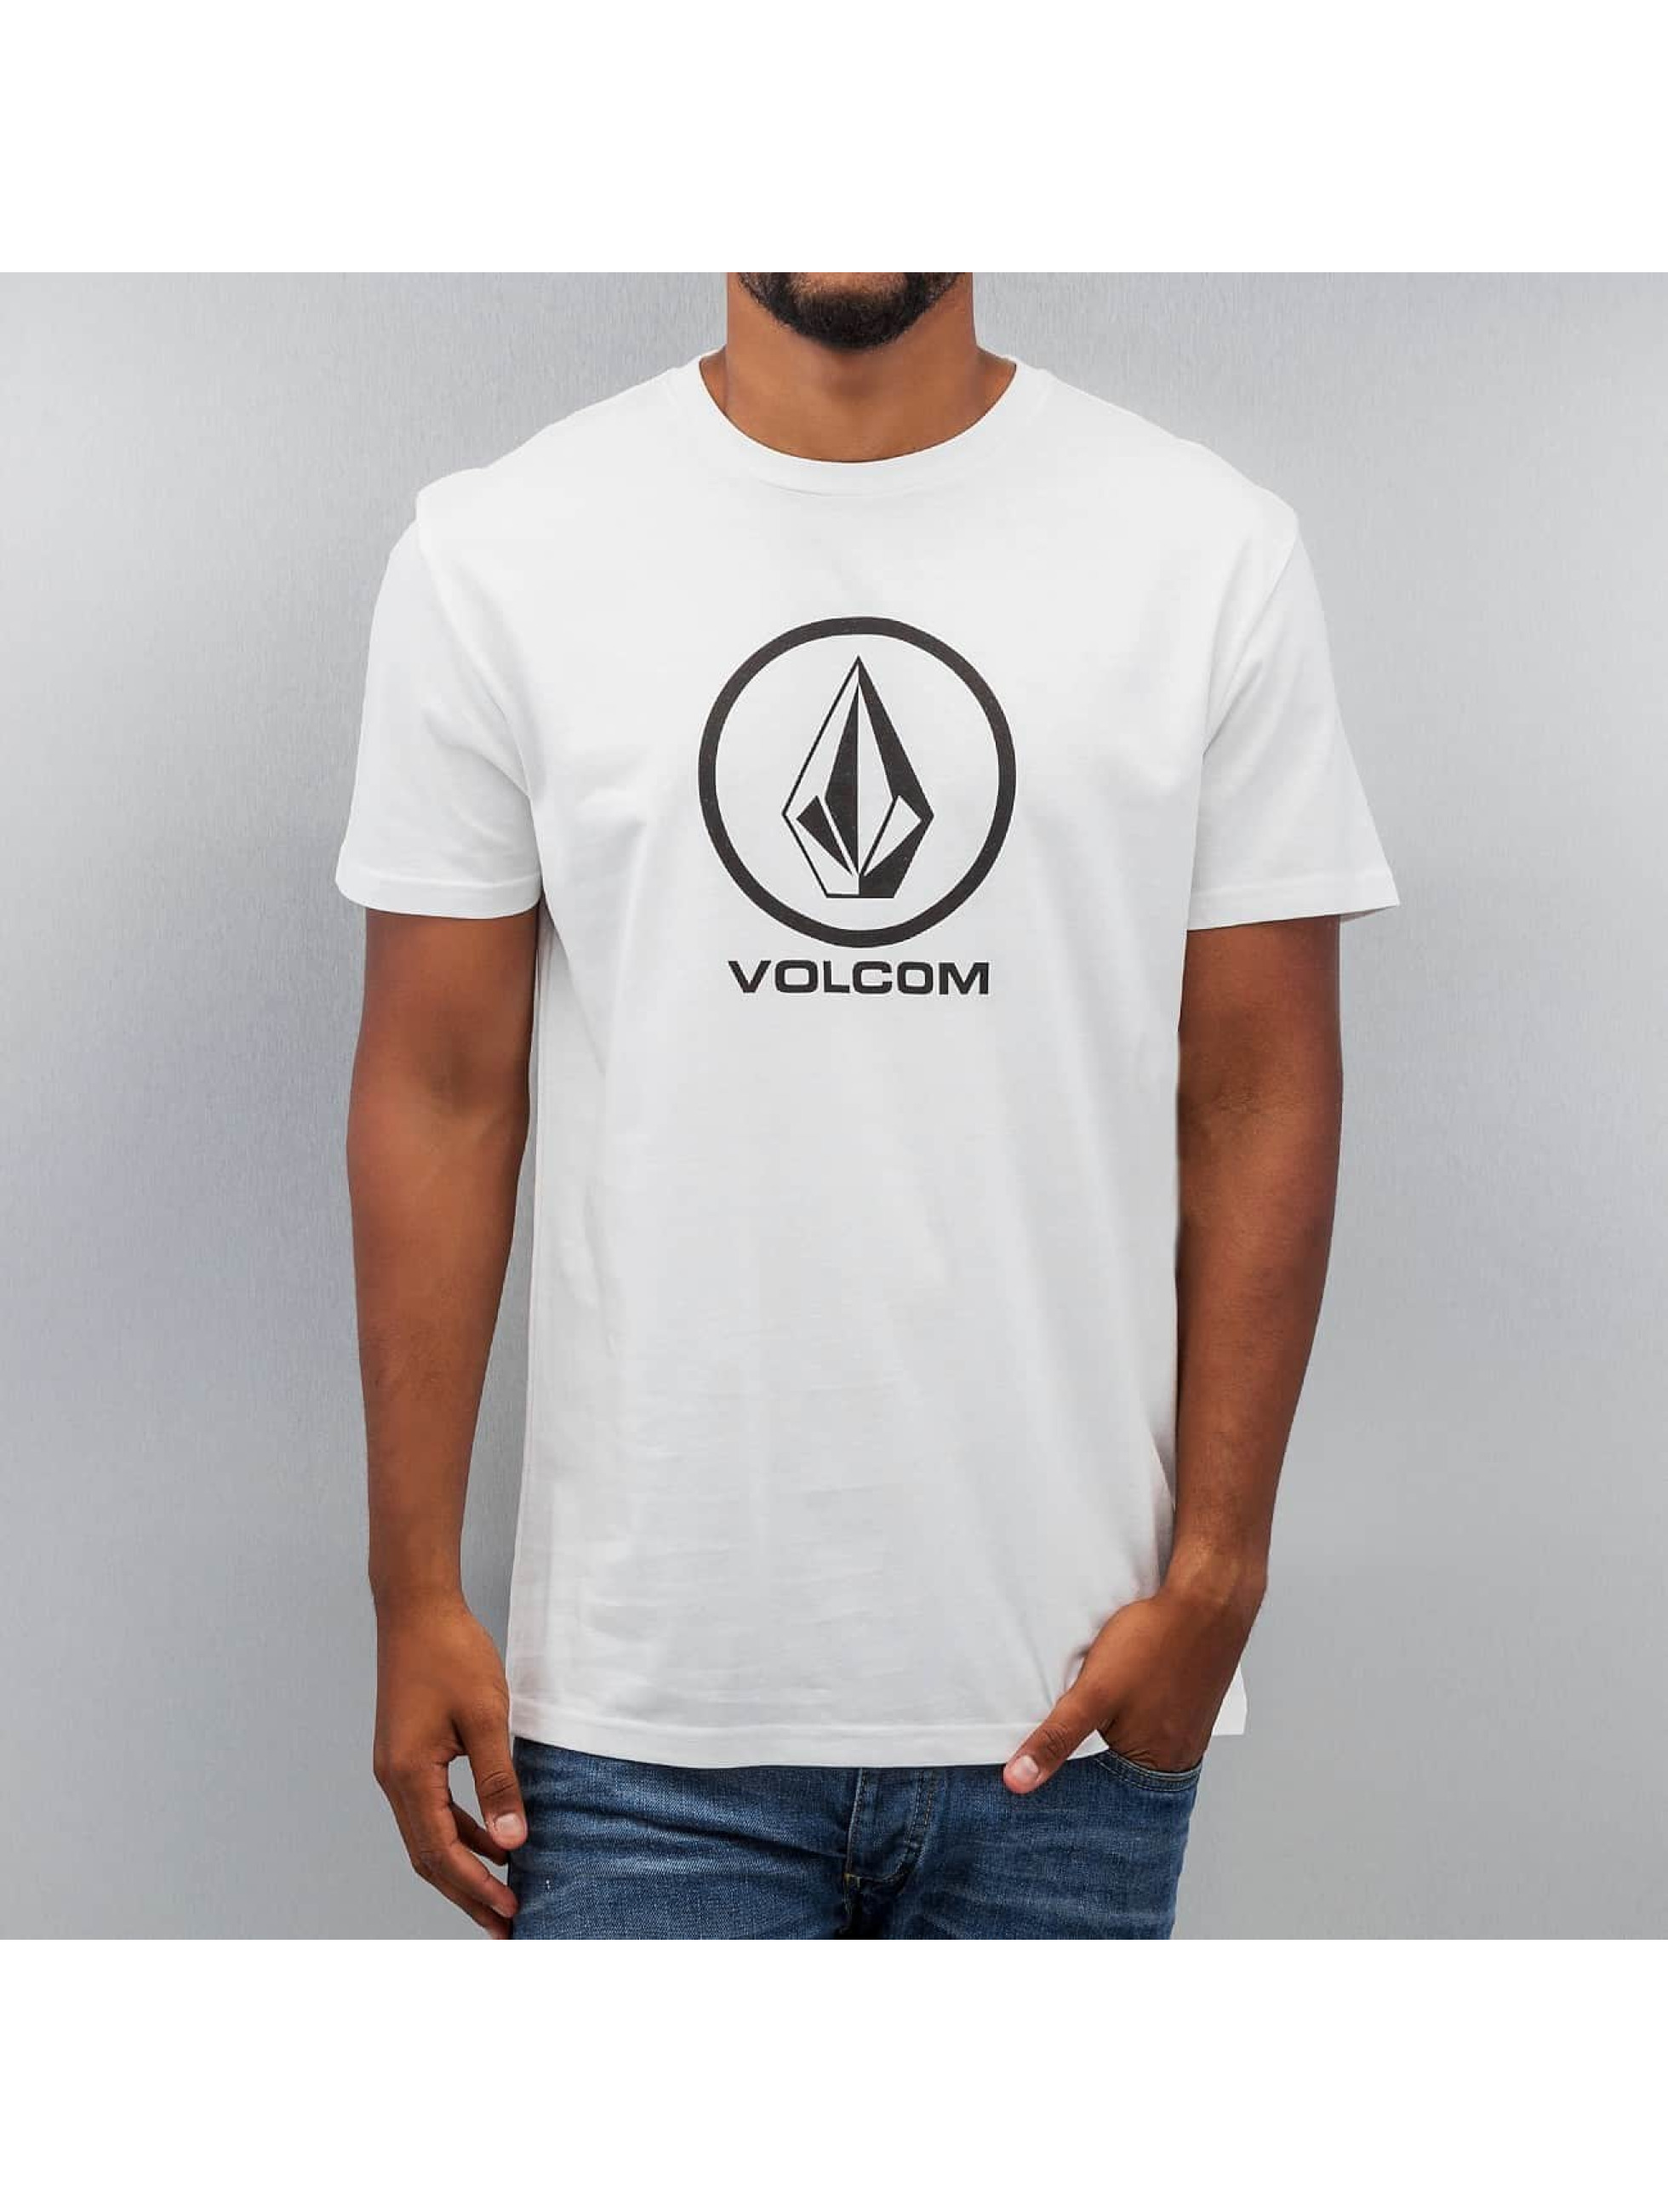 Volcom T-Shirt Circle Stone white